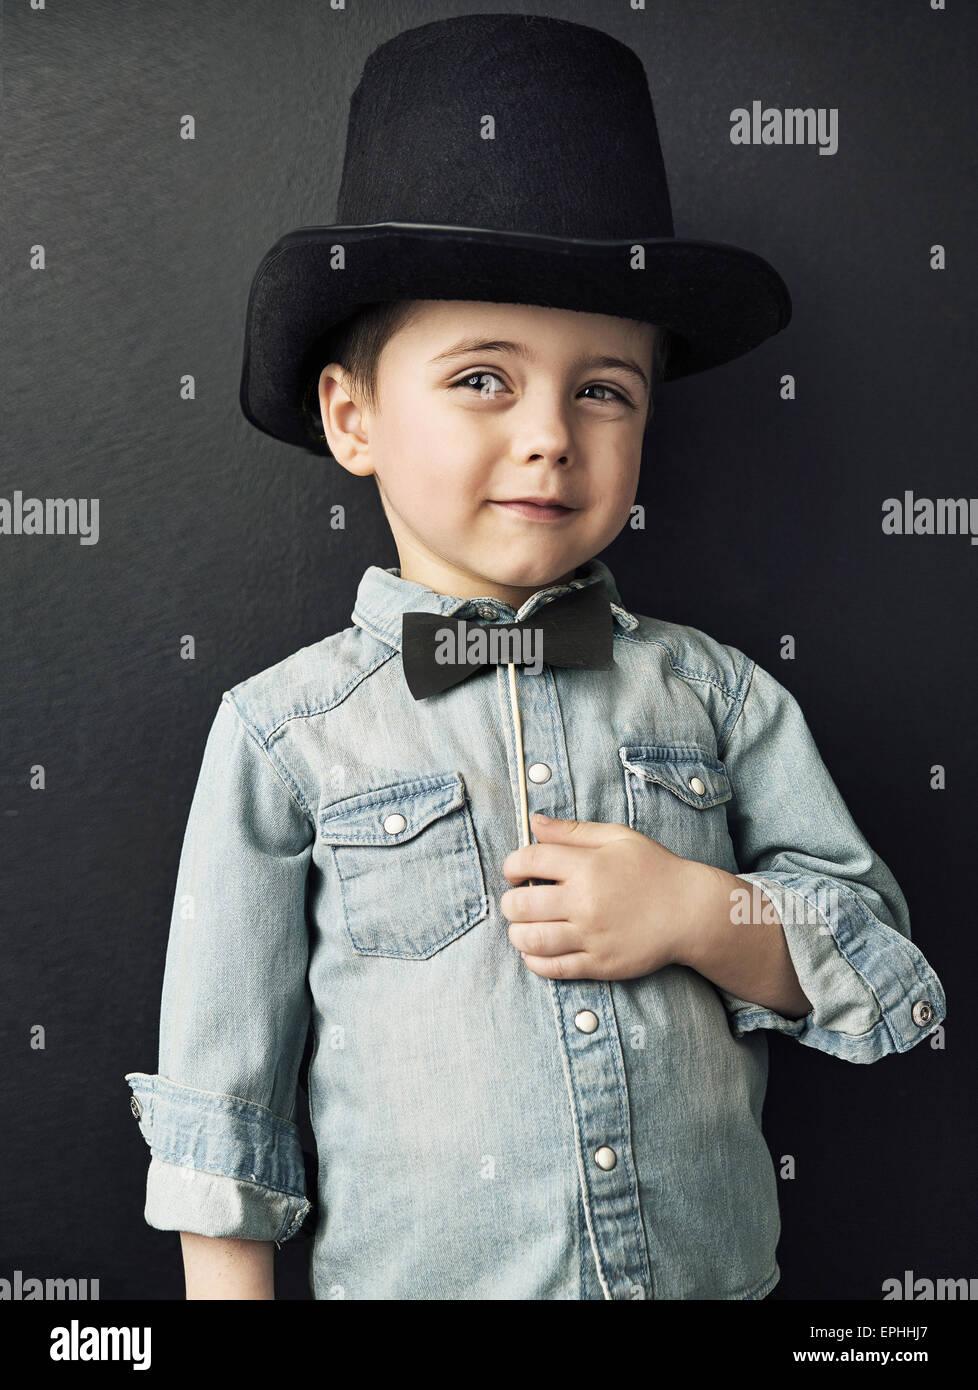 In stile vintage immagine di un simpatico ragazzo Immagini Stock